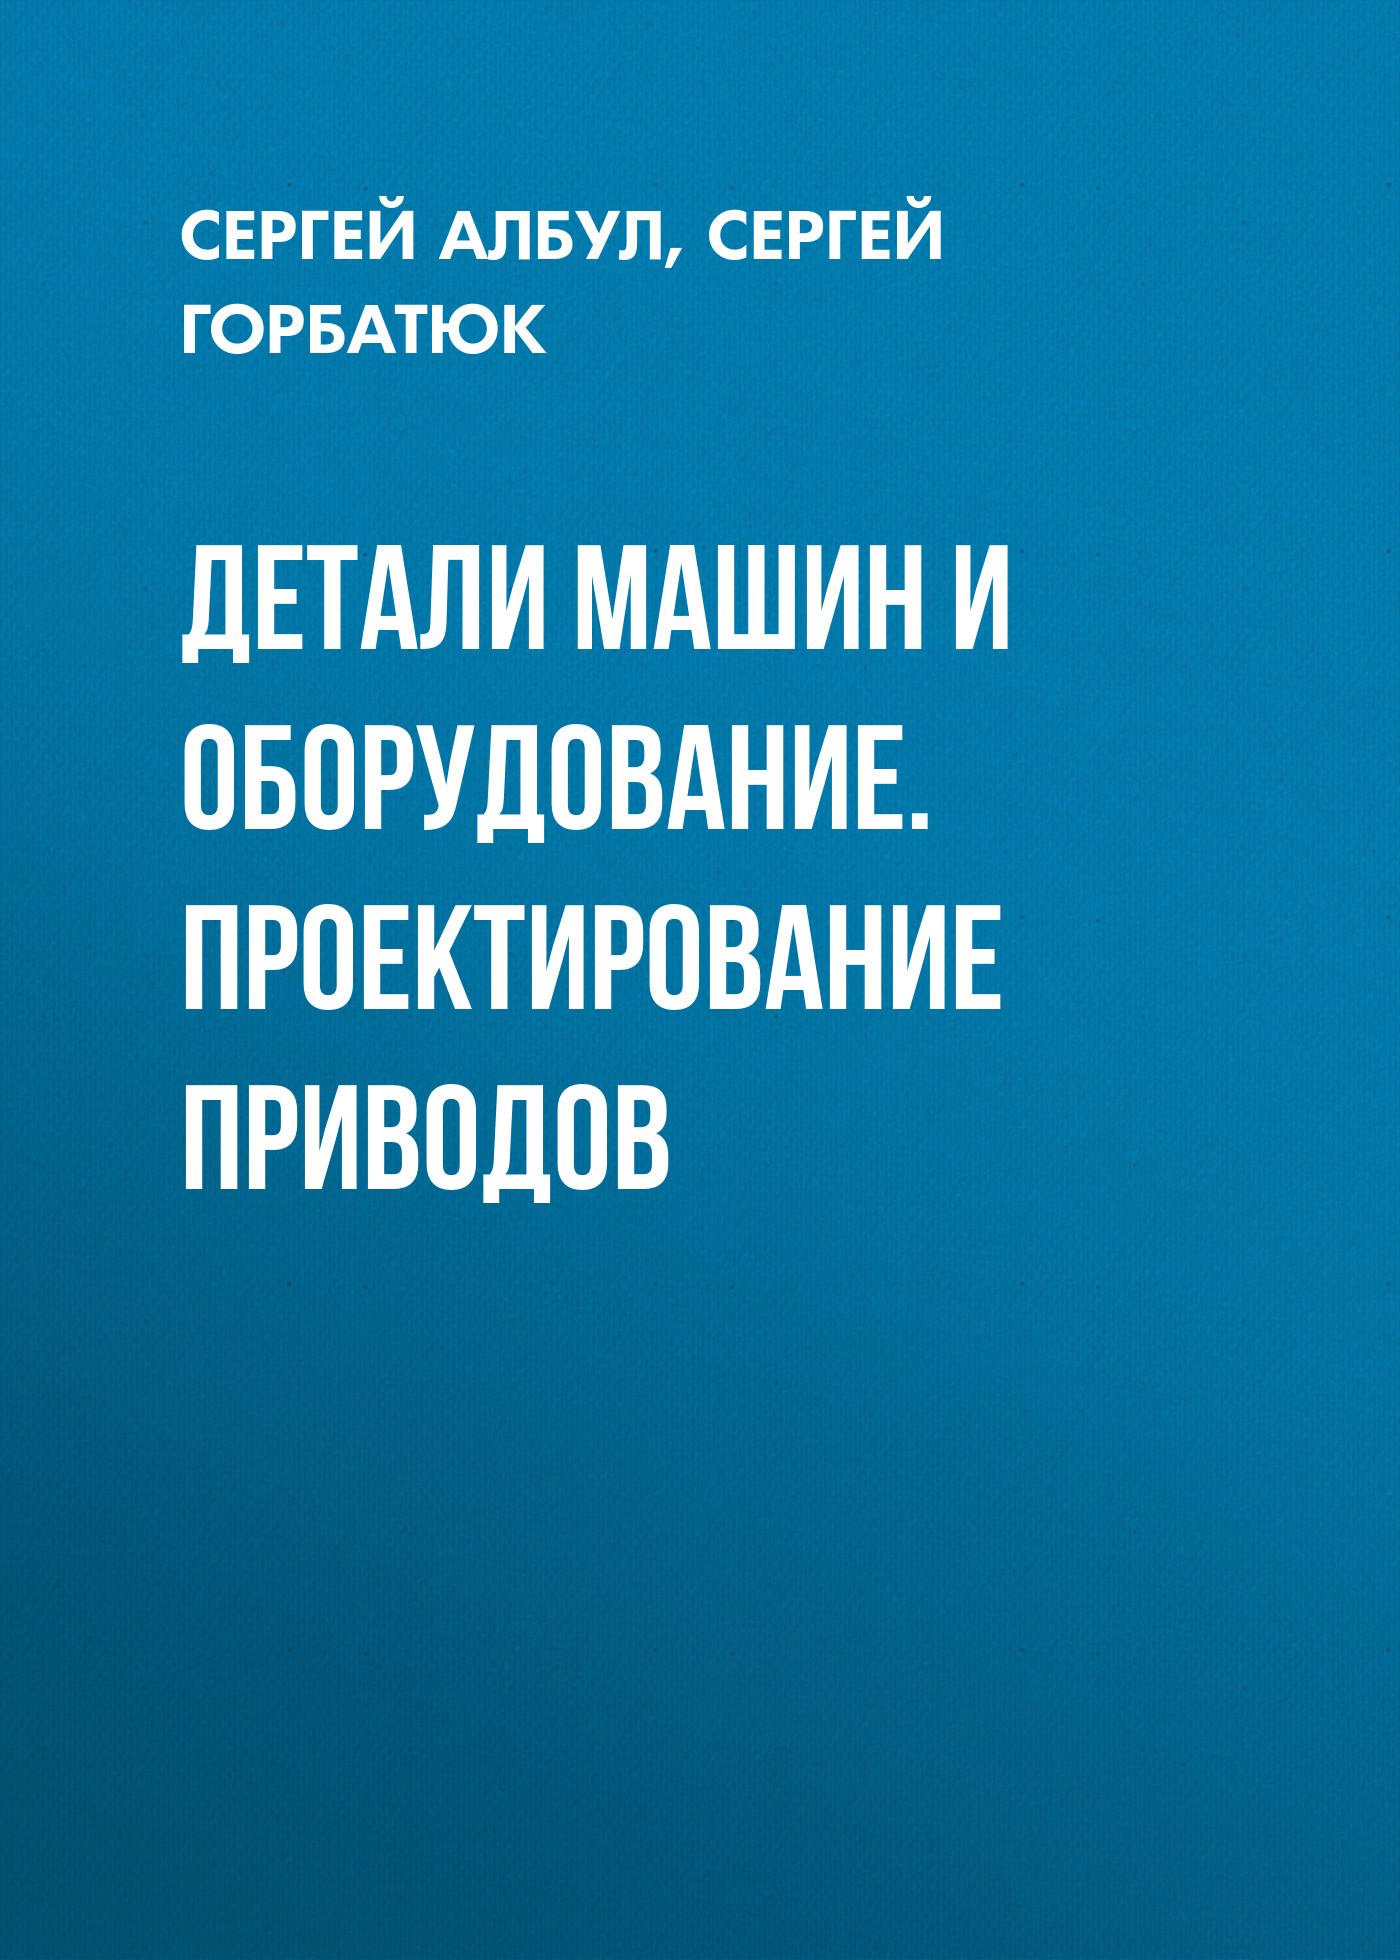 Сергей Горбатюк Детали машин и оборудование. Проектирование приводов п г гузенков детали машин